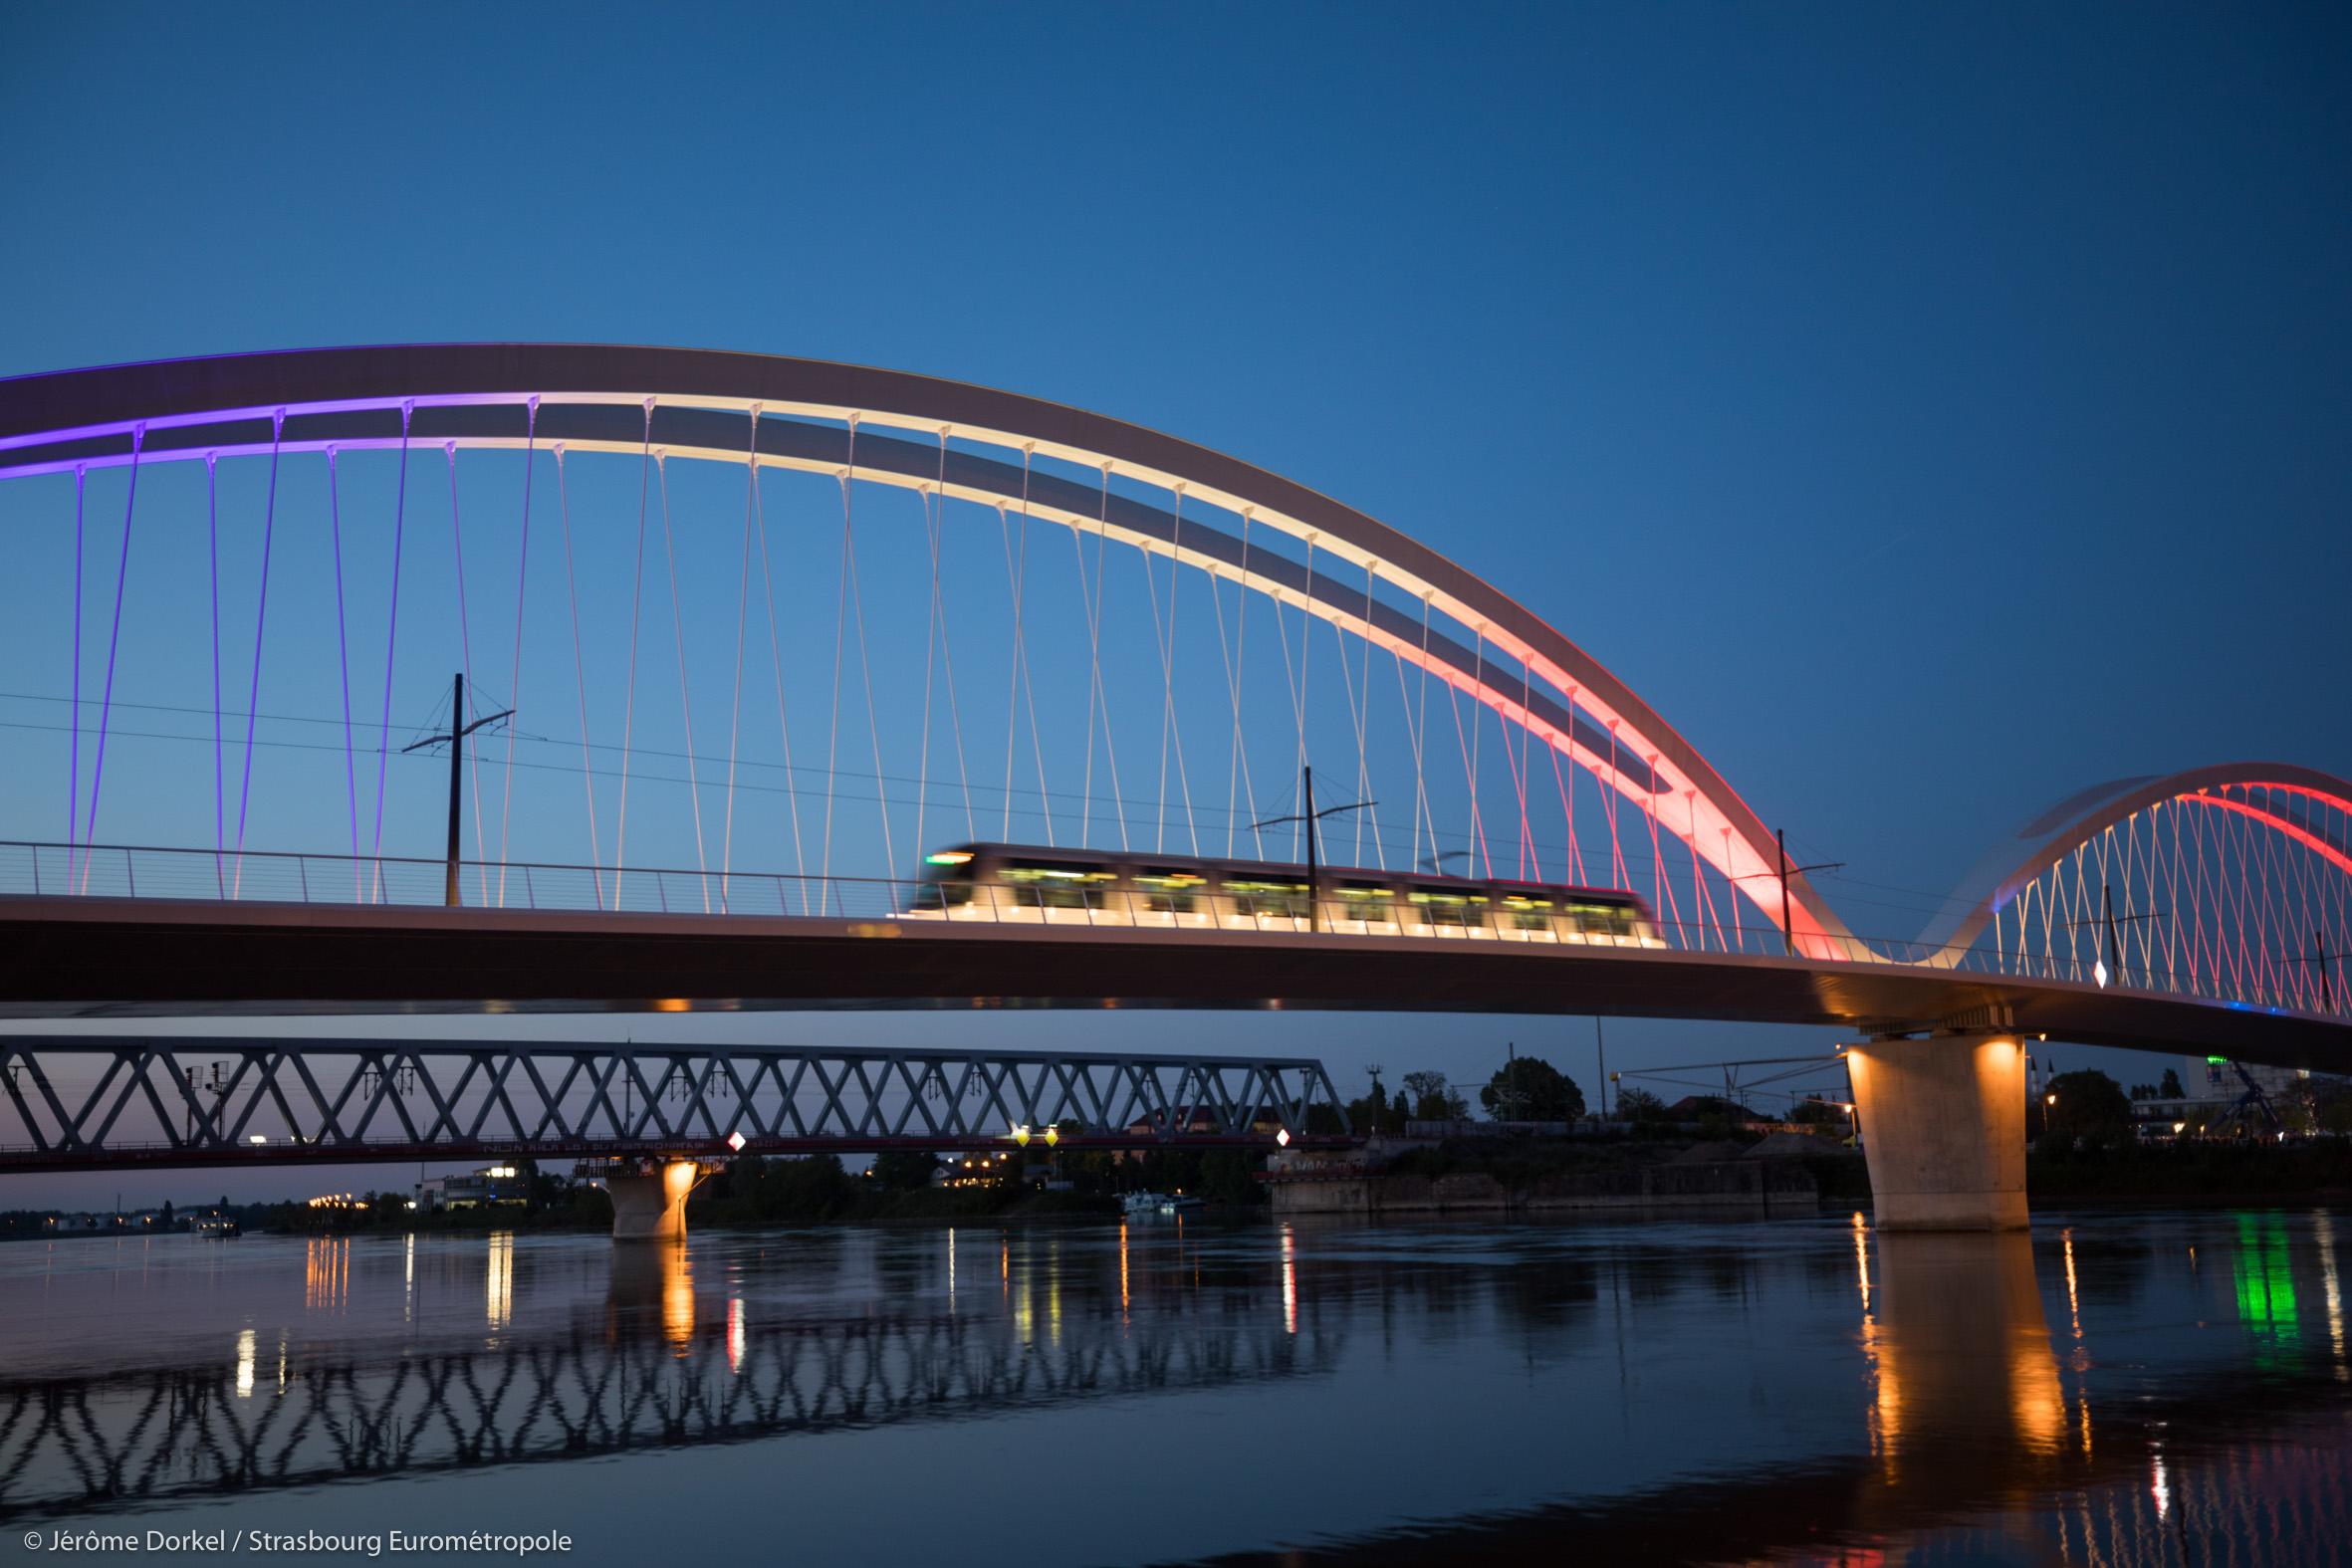 Le tramway transfrontalier traverse le Rhin sur le nouveau pont Beatus Rhenanus © Jérôme Dorkel / Eurométropole